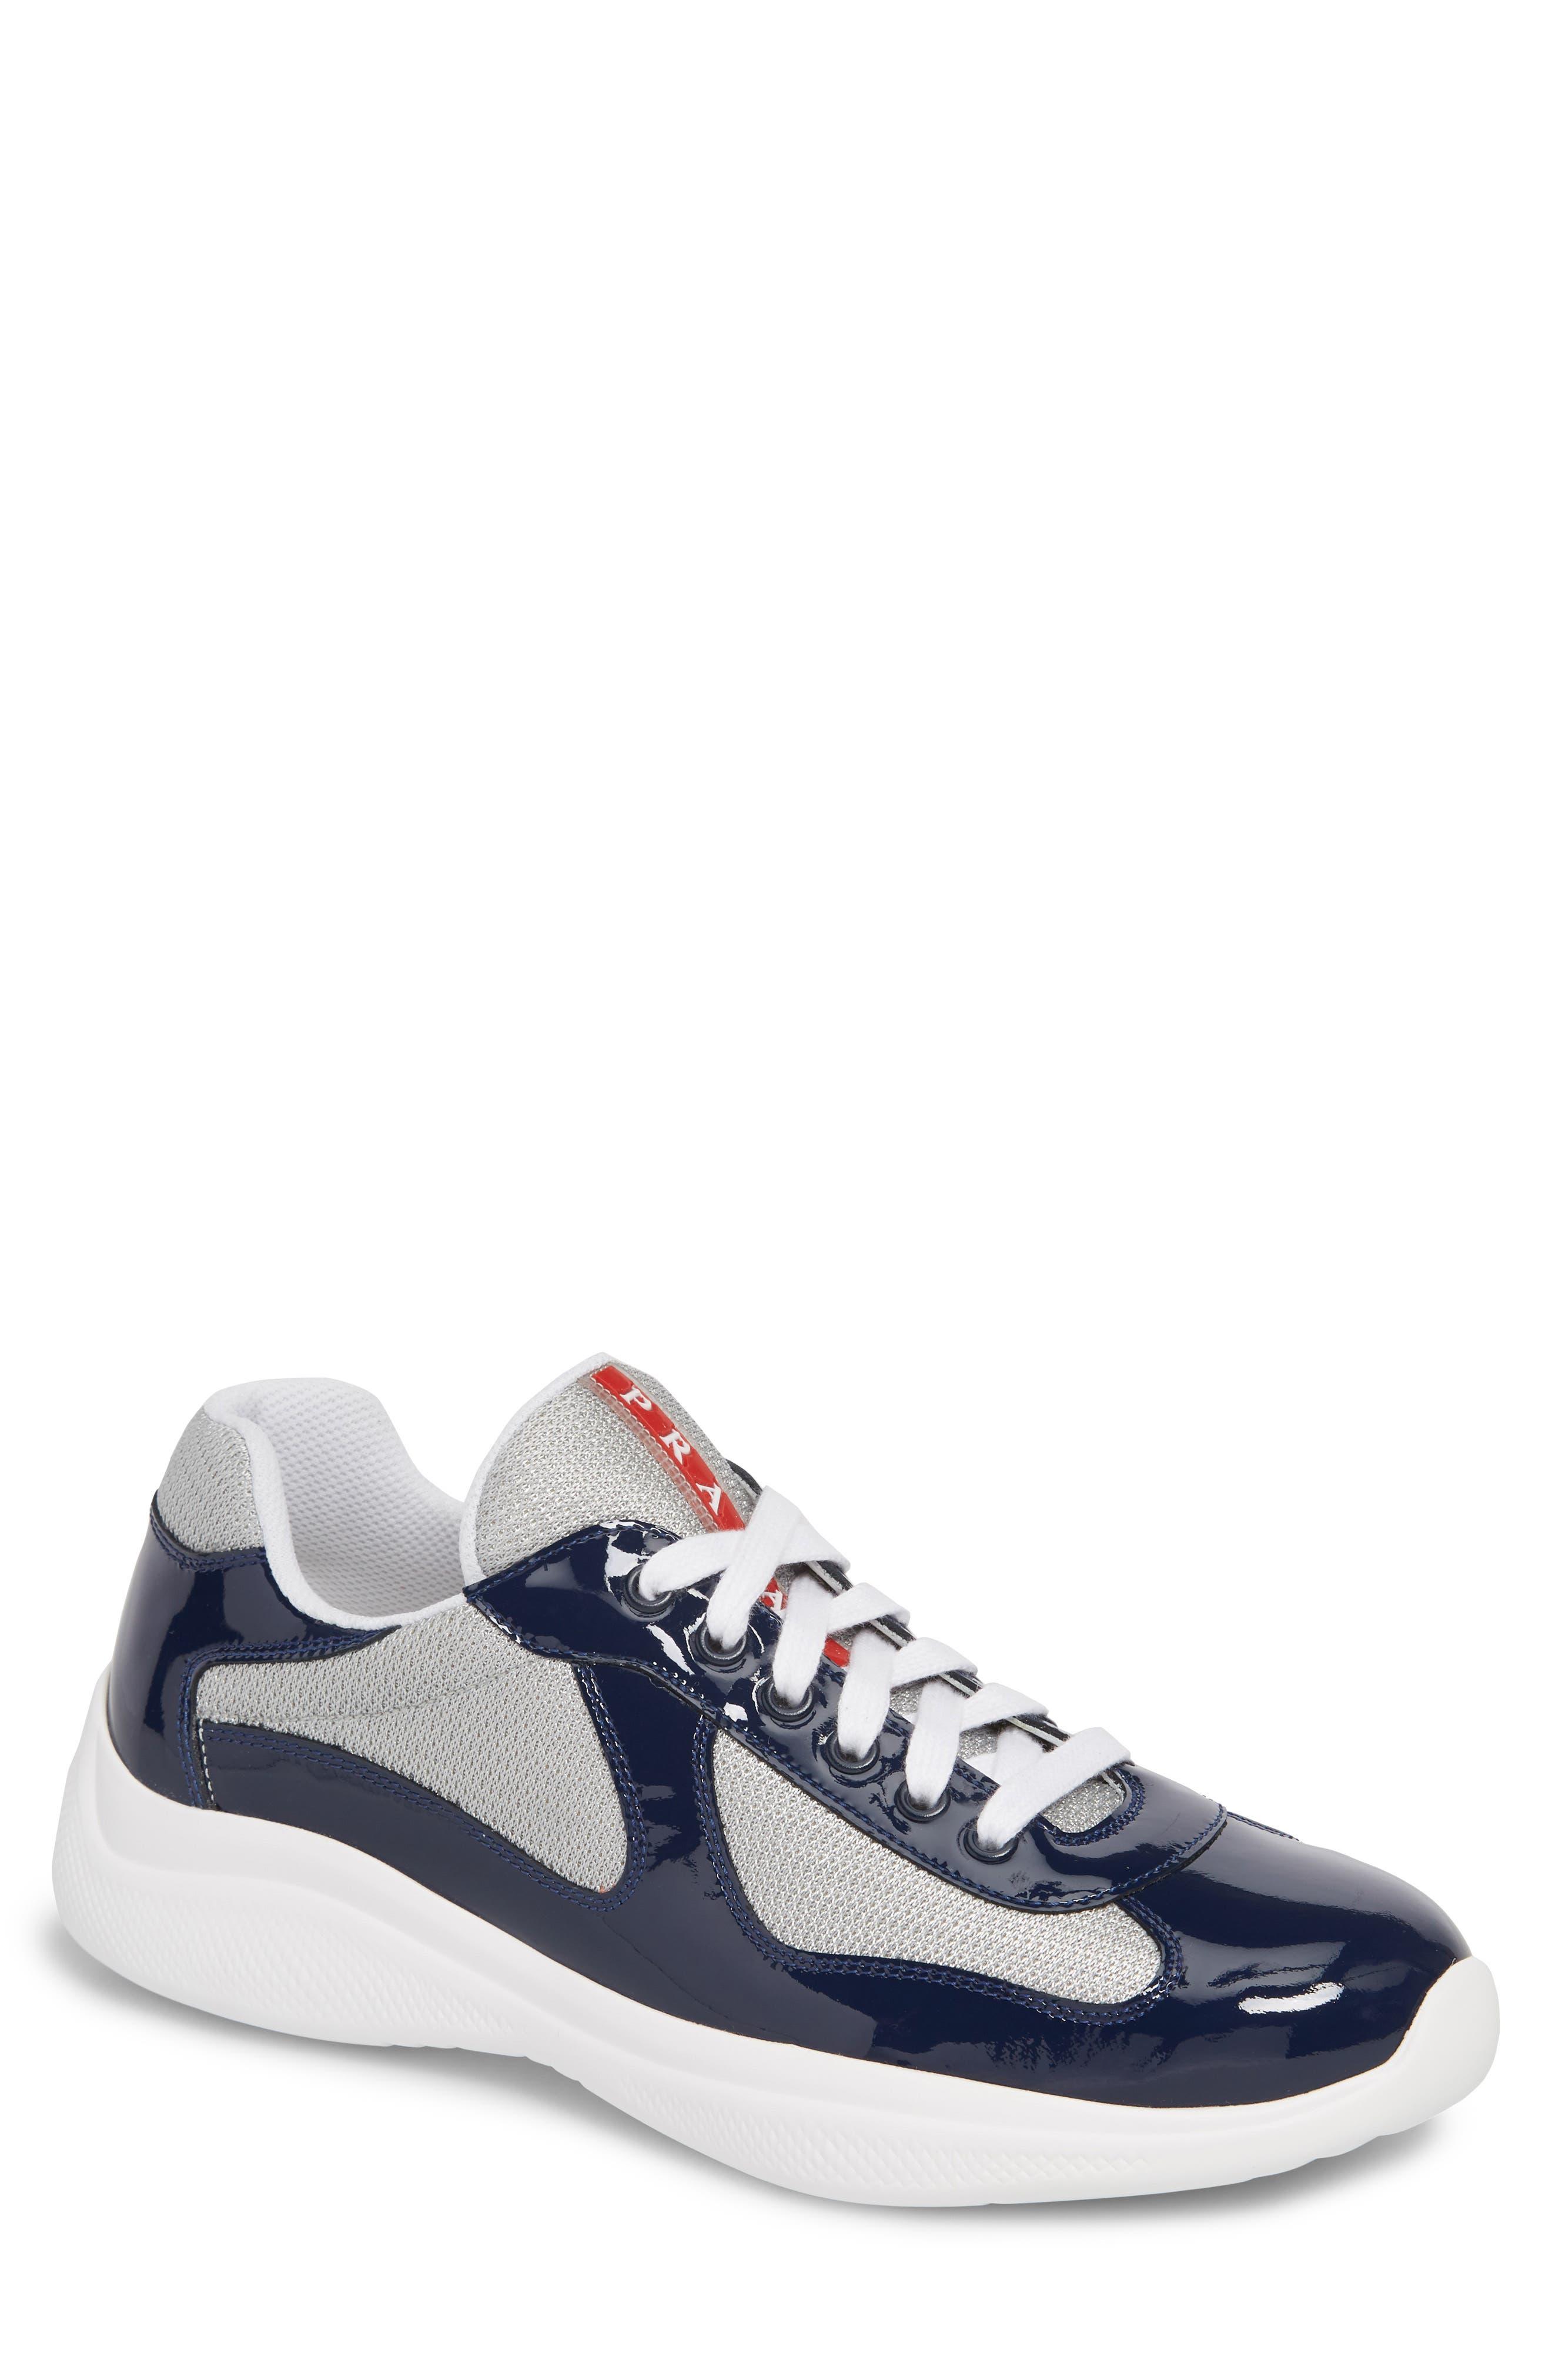 c413e3075afc Prada Shoes for Men